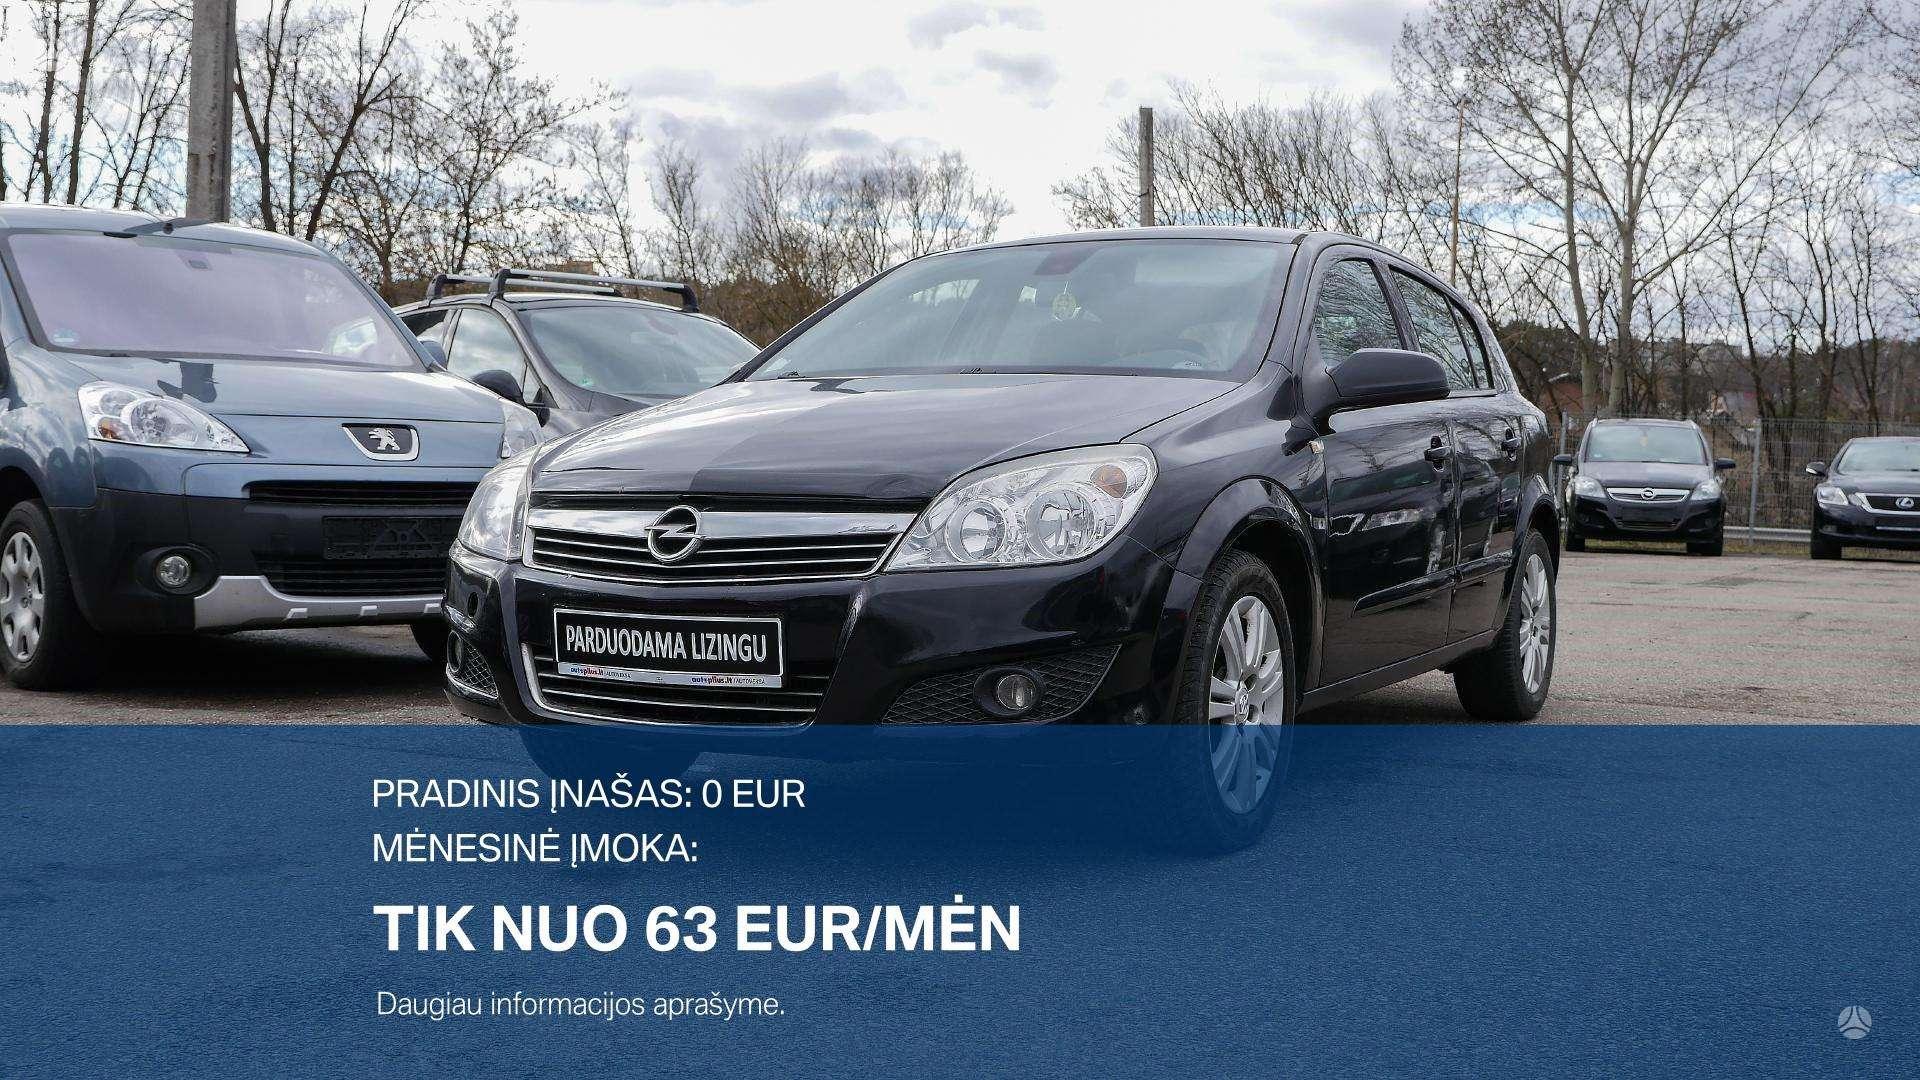 Opel Astra išsimokėtinai nuo 63Eur/Mėn su 3 mėnesių garantija